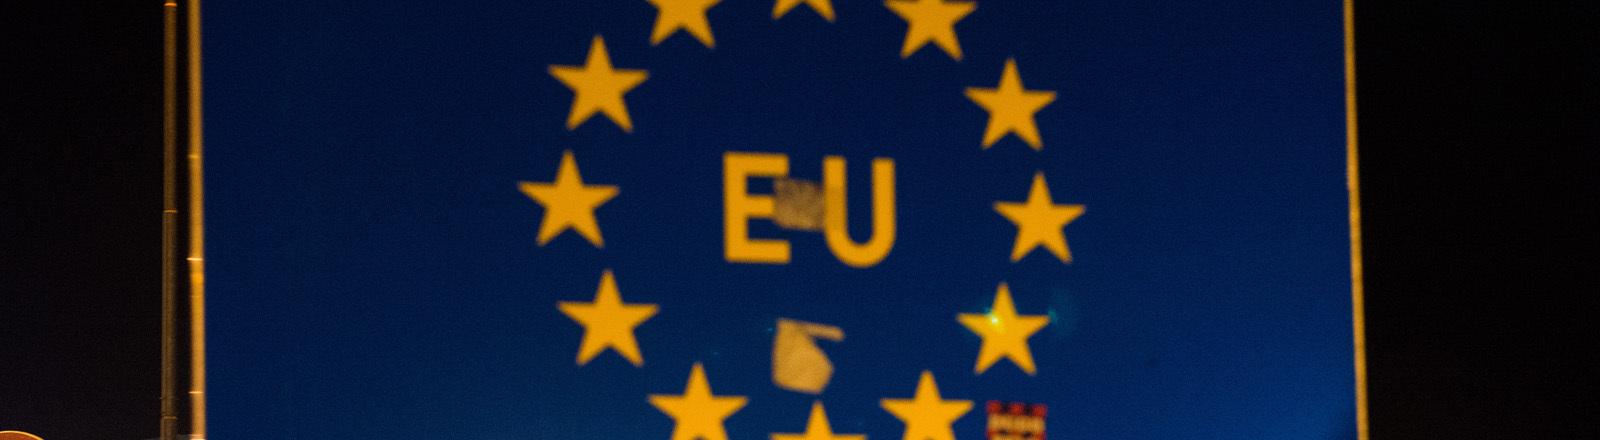 Grenzschild der EU